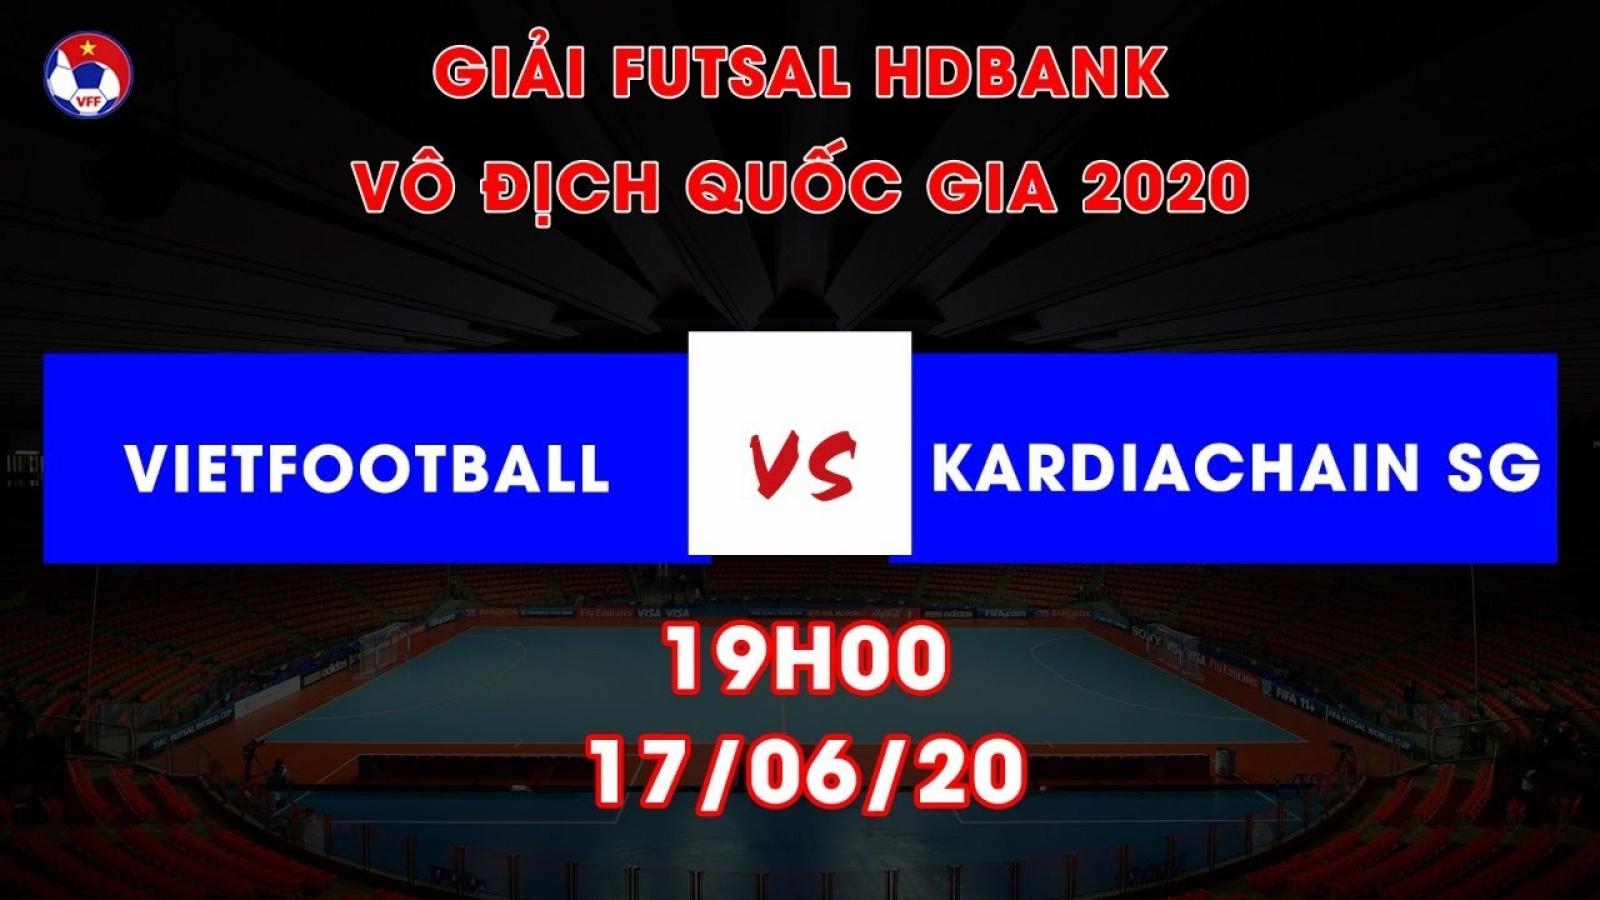 Xem trực tiếp Vietfootball vs Kardiachain Sài Gòn